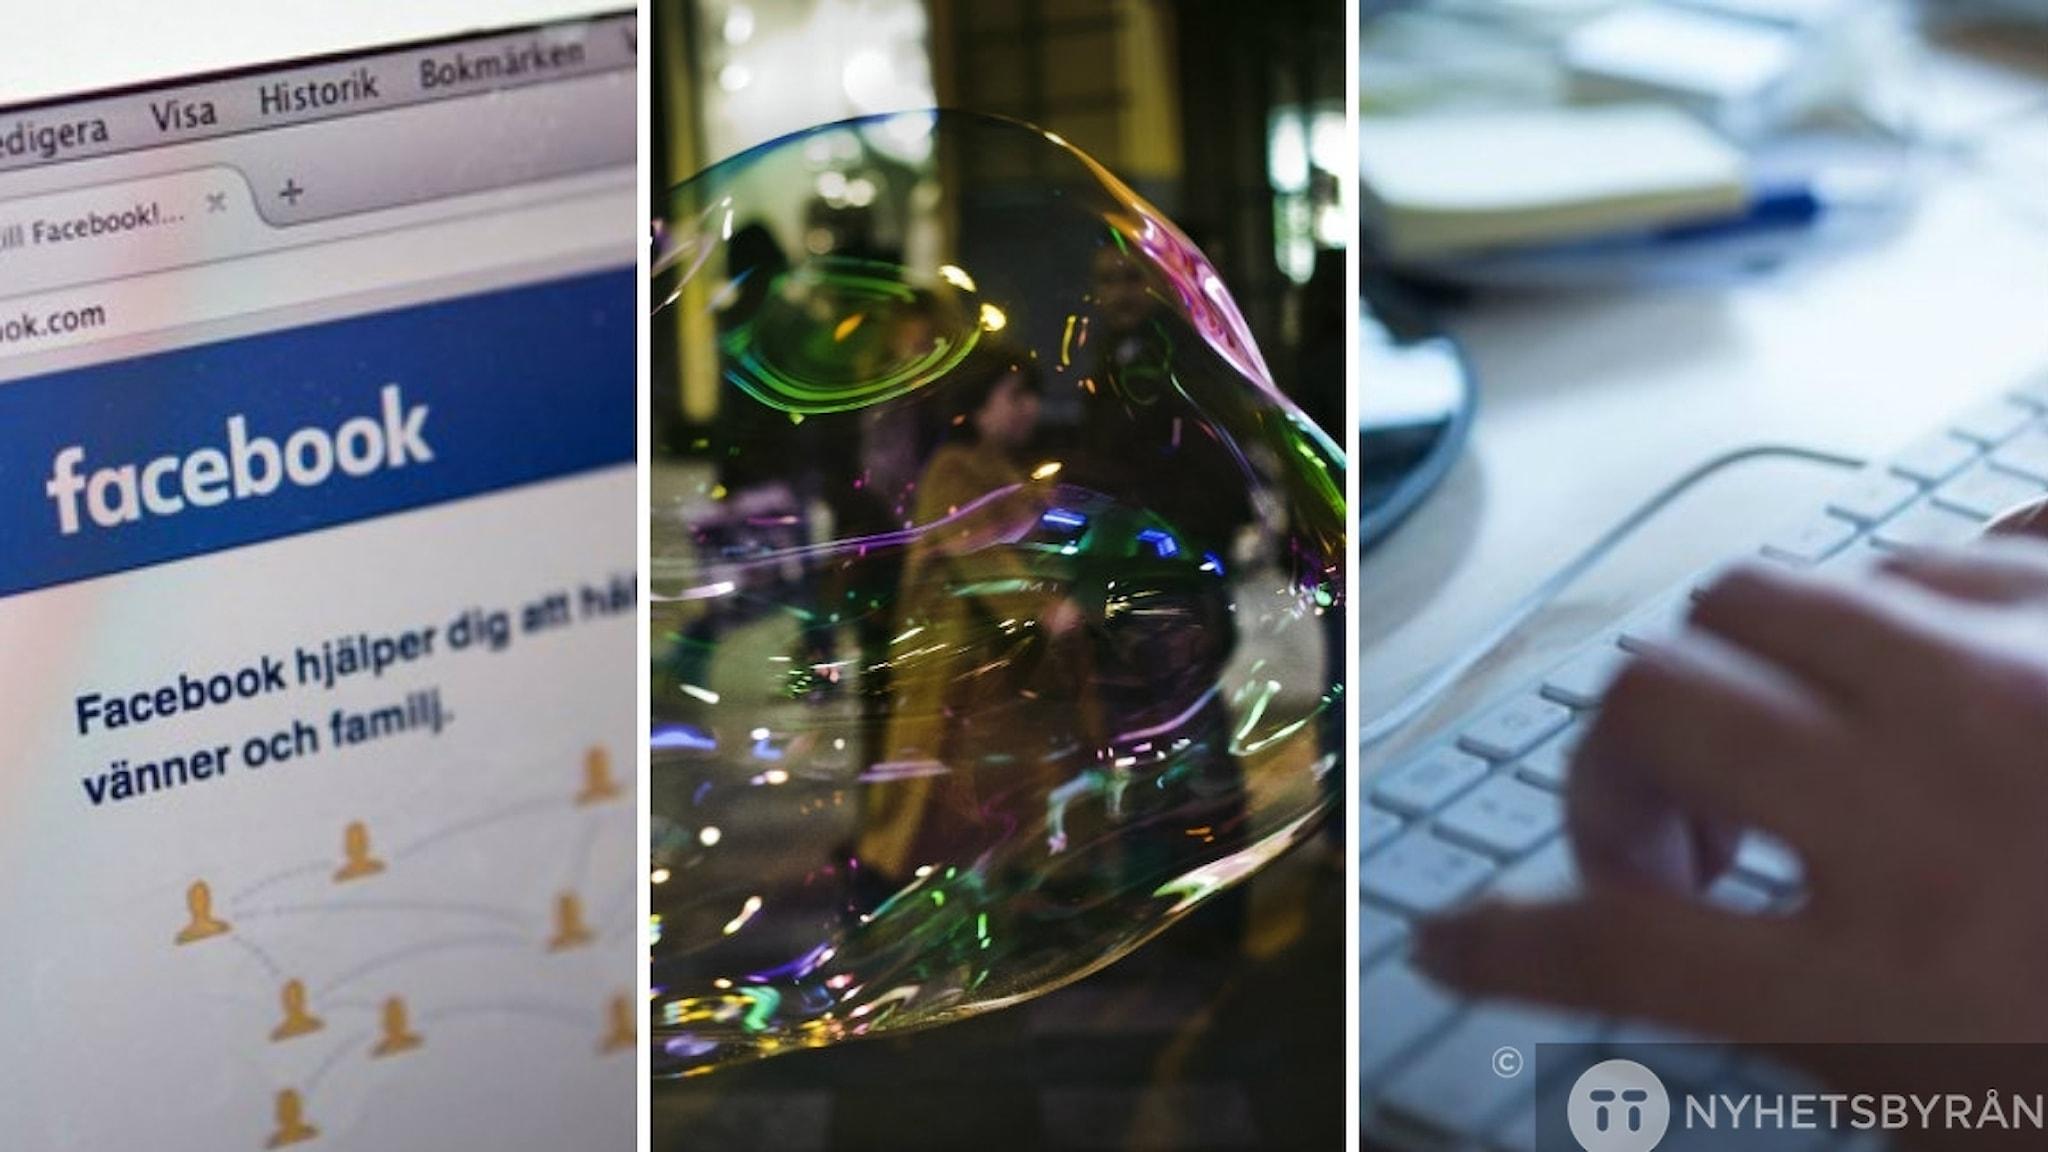 kollace med bild på facebook, bubbla och tangentbord